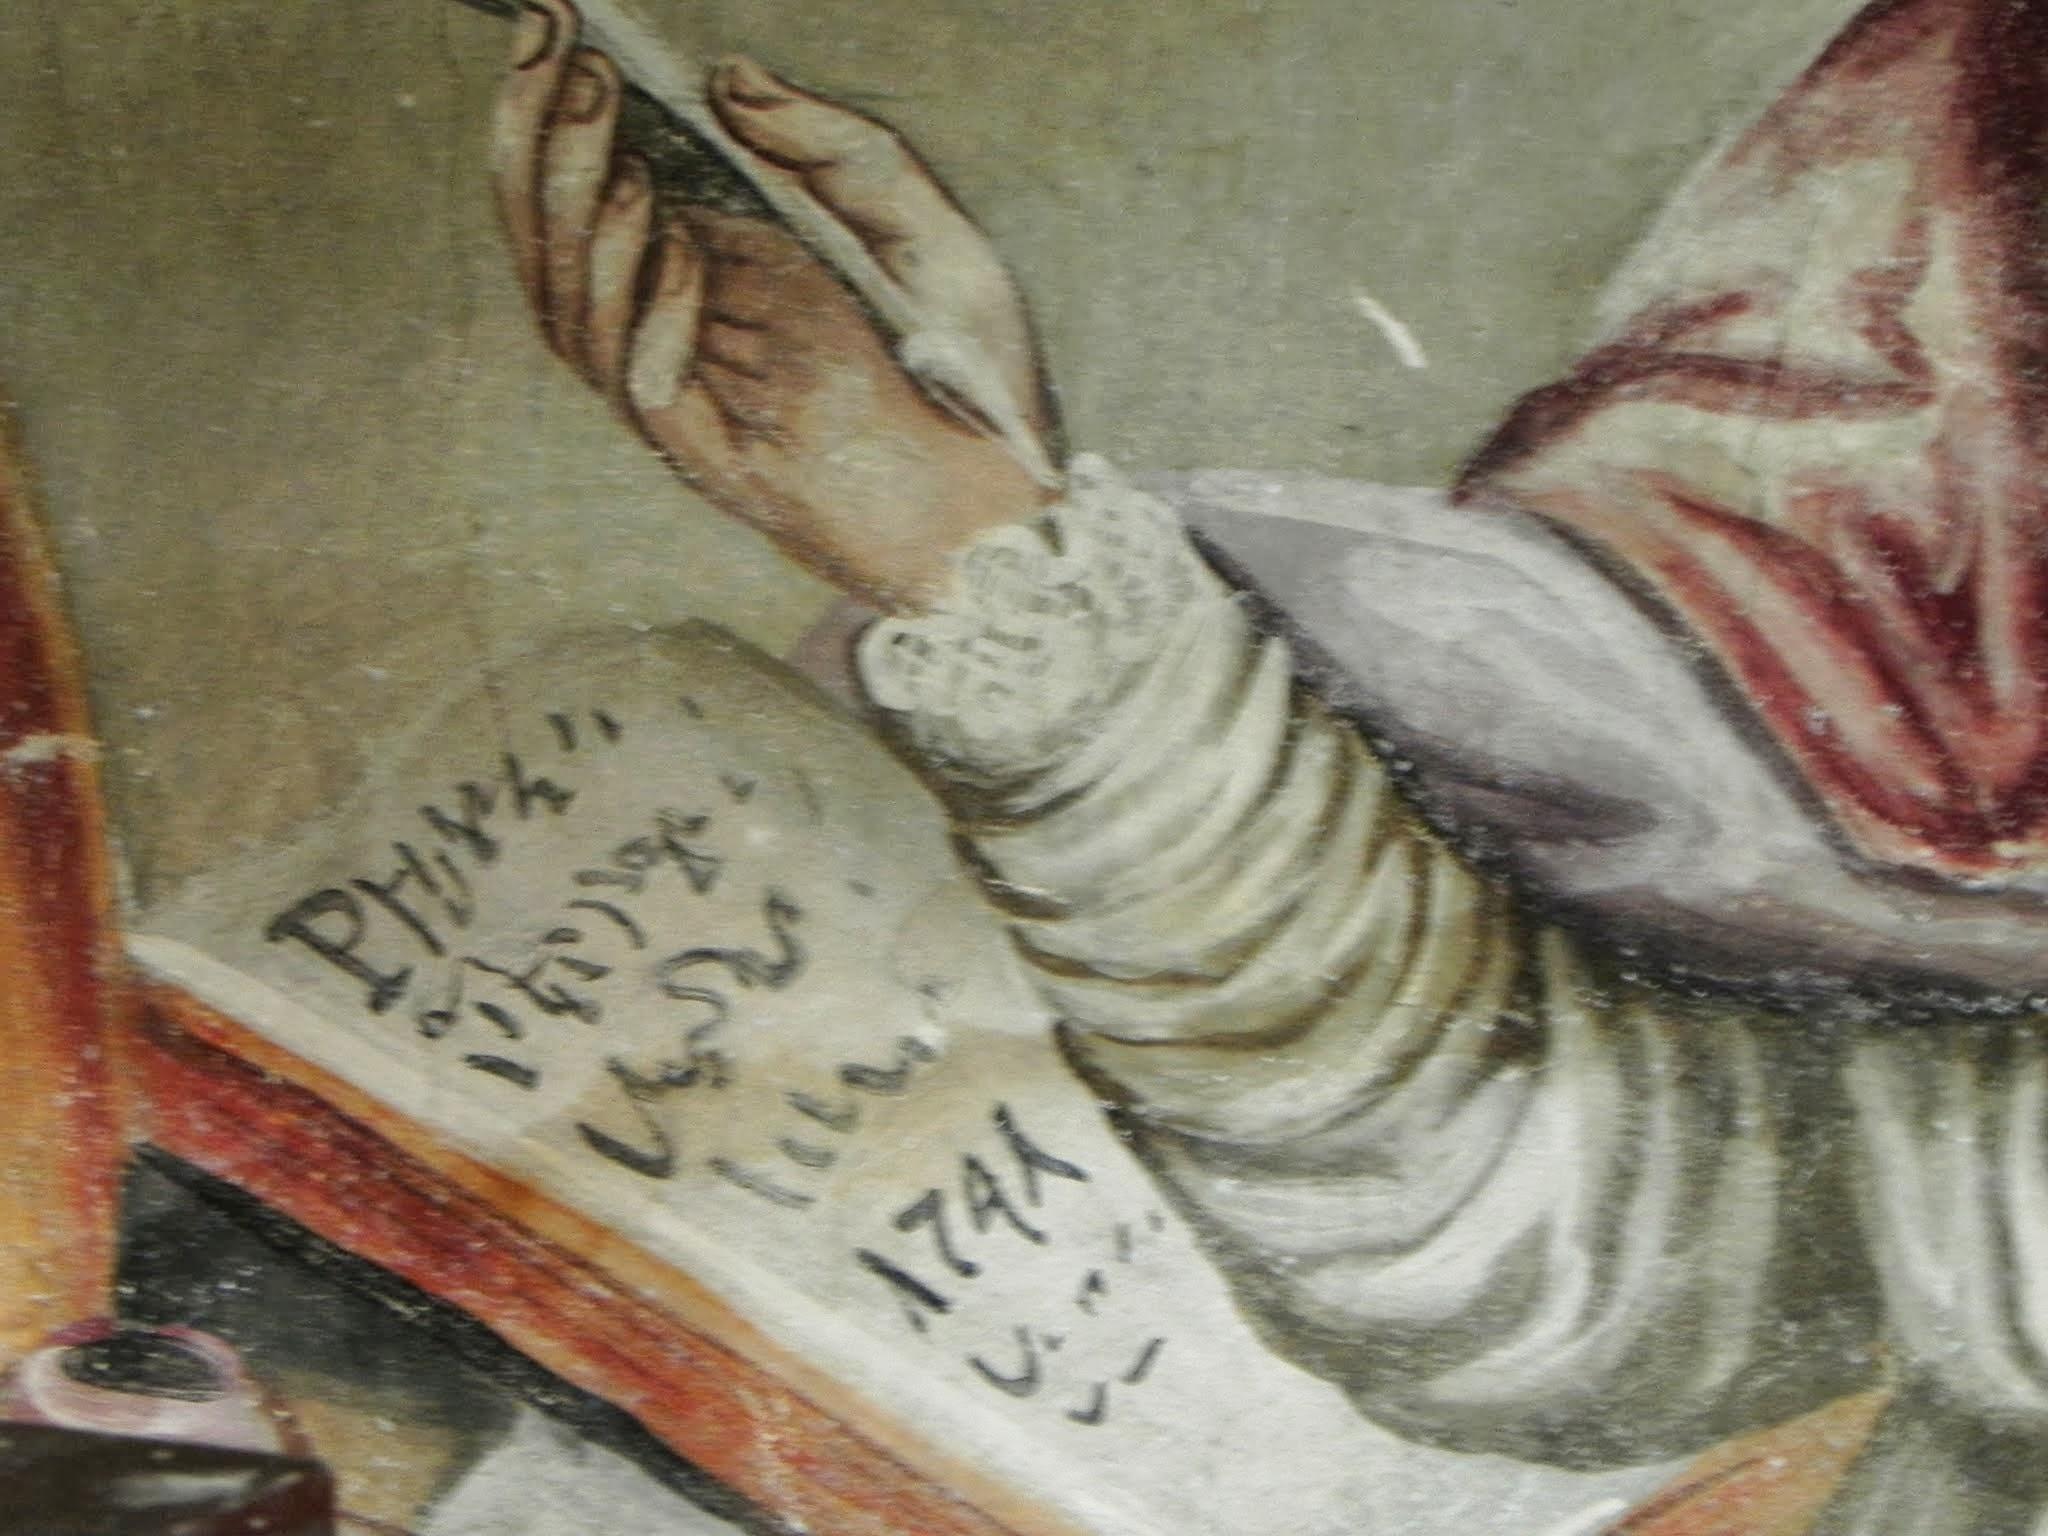 św. Augustyn - fresk w trakcie prac renowacyjnych (po oczyszczeniu). W księdze data konsekracji kościoła